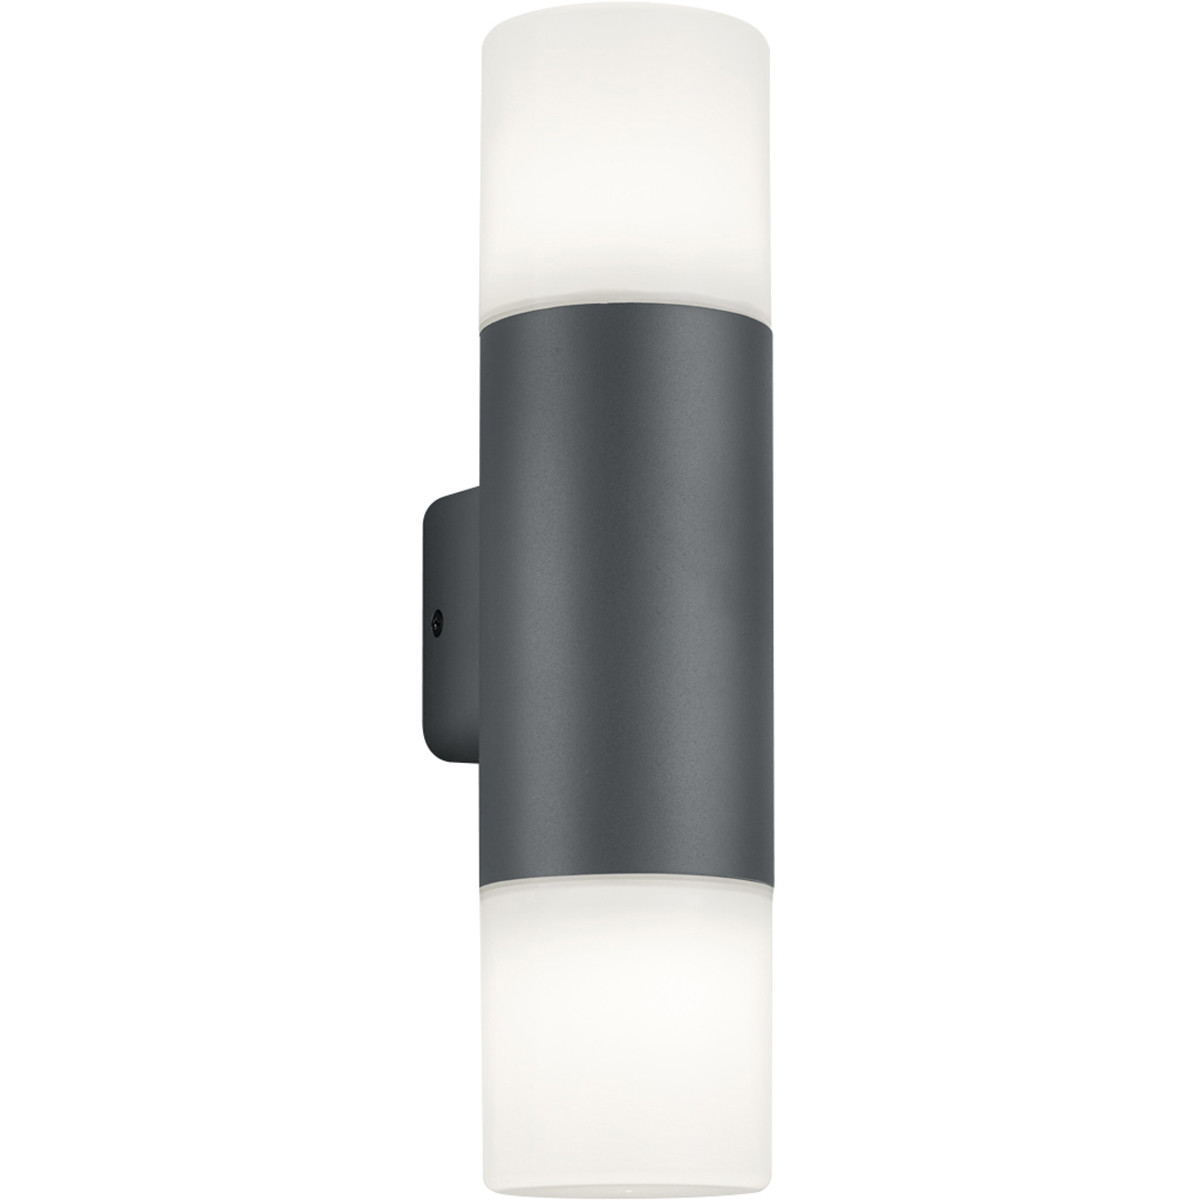 LED Tuinverlichting - Wandlamp - Trion Hosina - E27 Fitting - 2-lichts - Mat Zwart - Aluminium